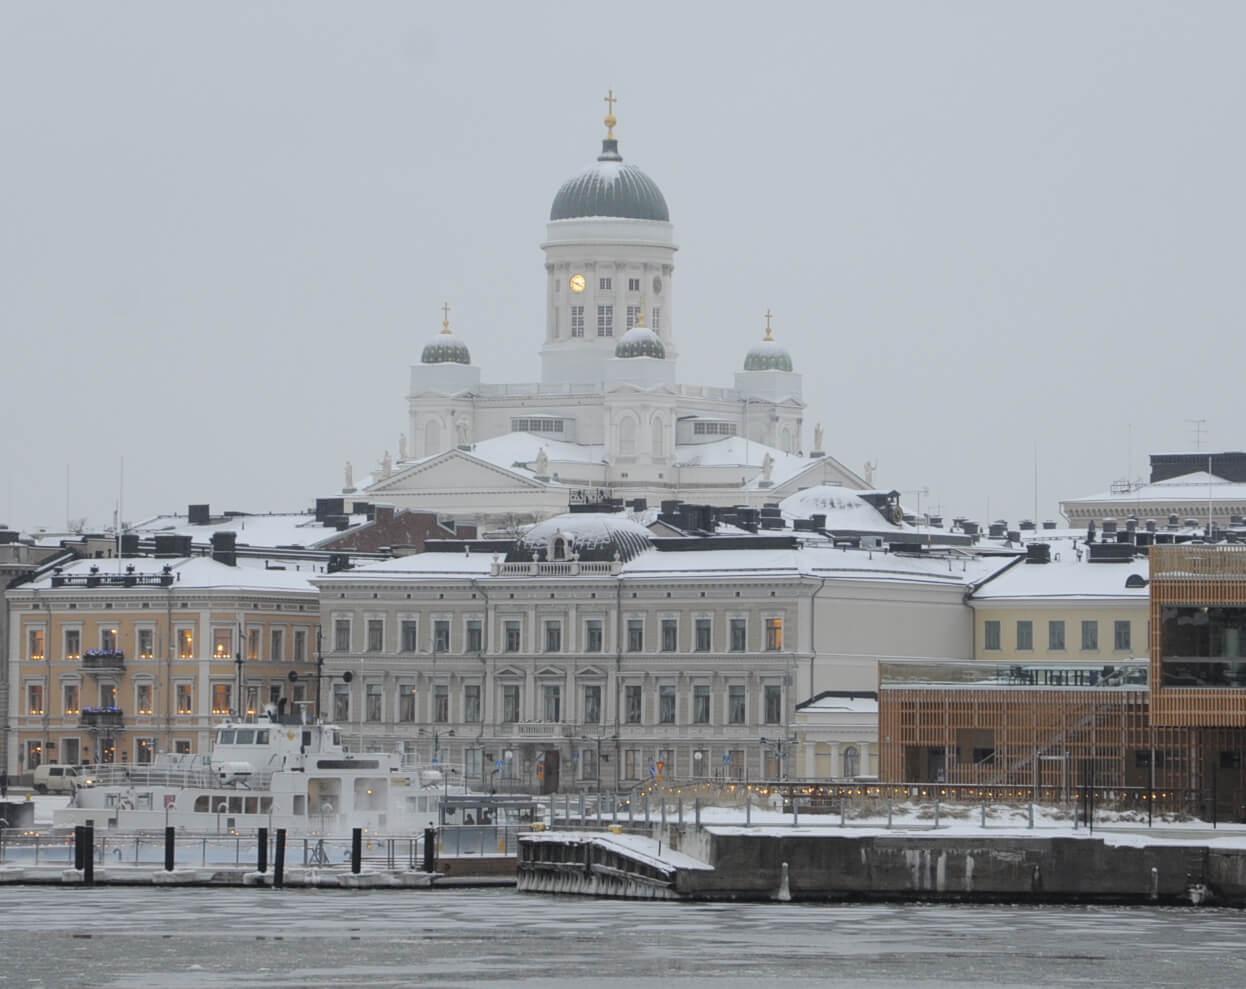 ヘルシンキ大聖堂をフェリーから写した景色。パンフレットにもよく出てくる絵だ